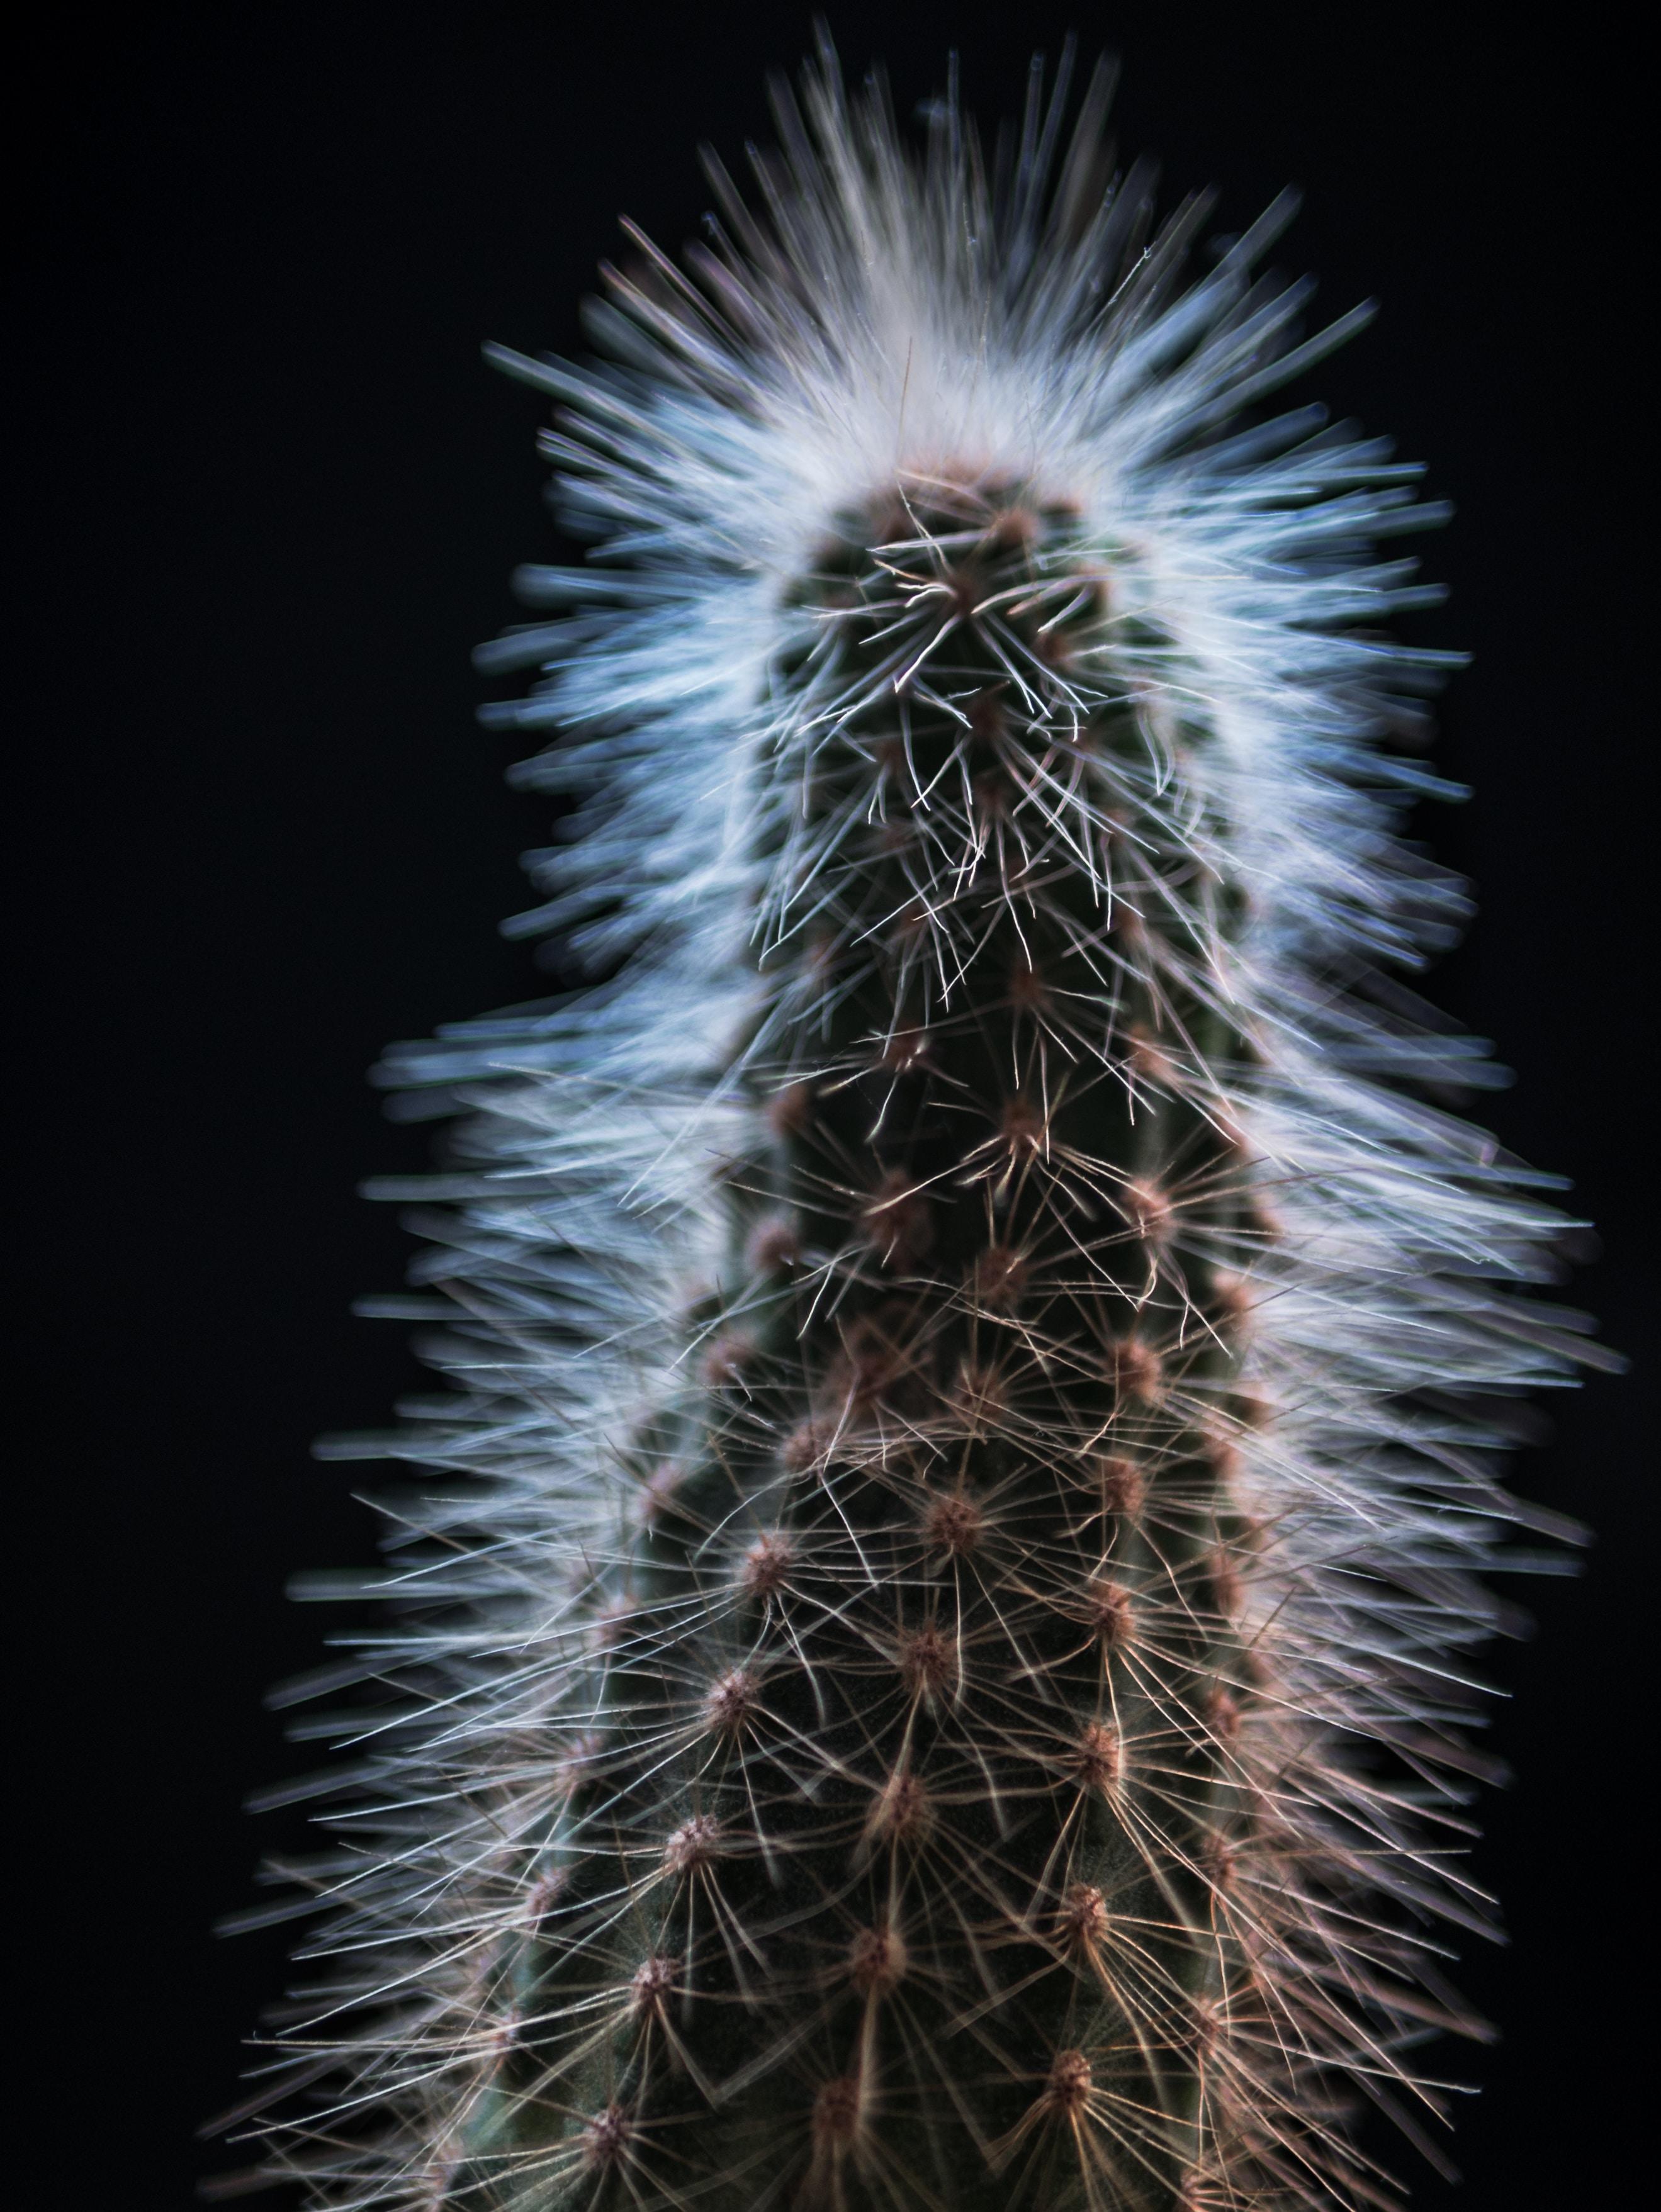 closeup photo of green cactus